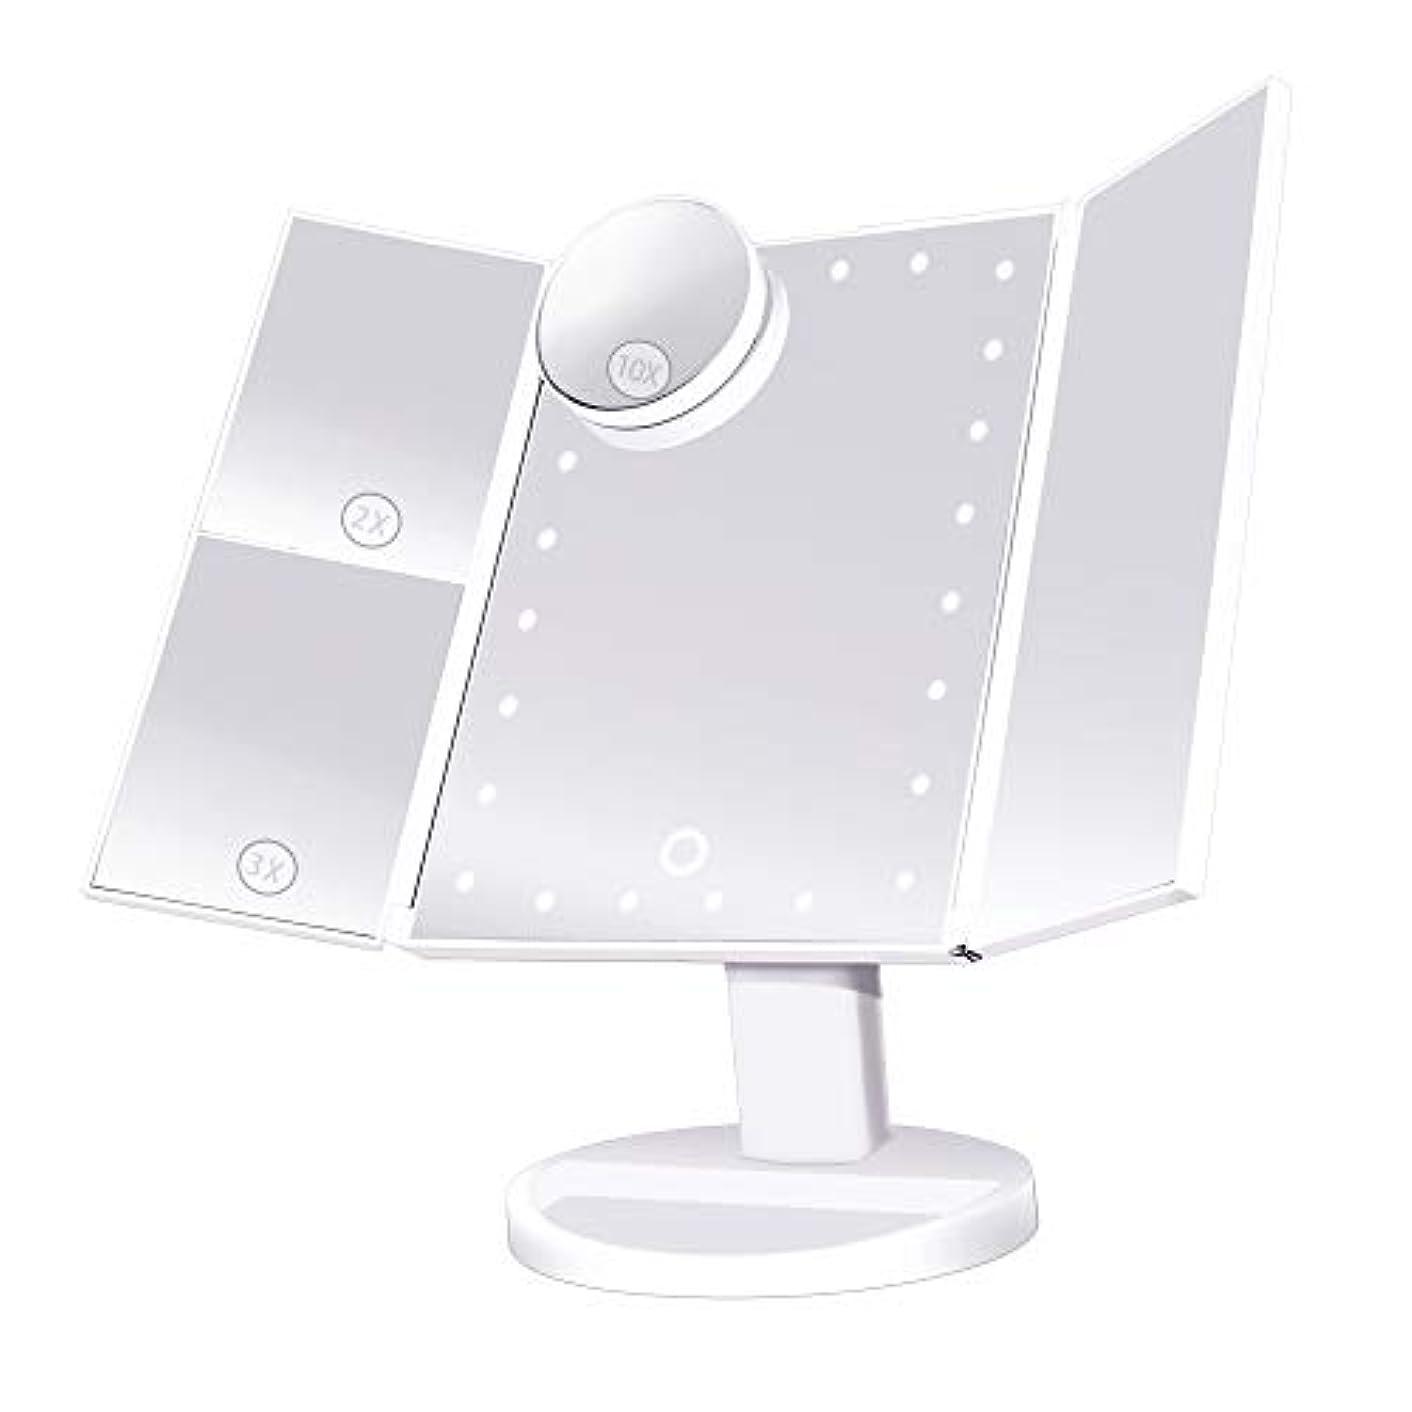 見捨てられた衝撃に応じてsoafiya 化粧鏡 化粧ミラー 鏡 三面鏡 女優ミラー 卓上 led付き 折りたたみ 拡大鏡 2&3倍 明るさ調節可能 180°